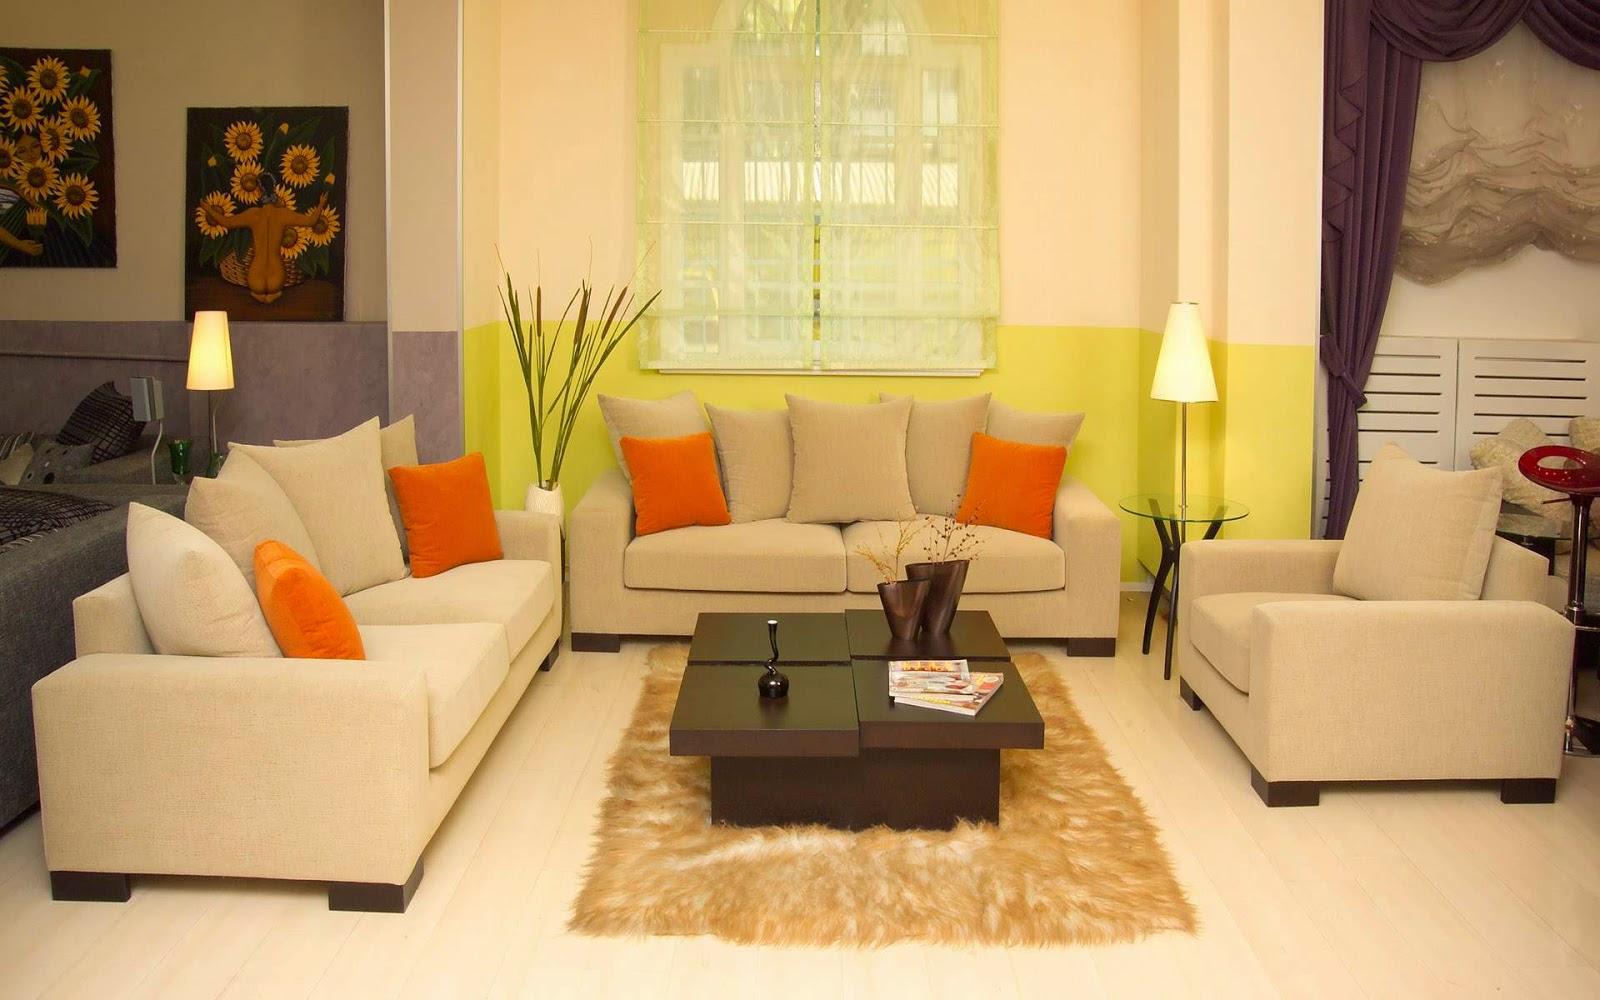 Pintores baratos en madrid pintar las paredes y techos de tu casa consejos - Pintores de muebles ...